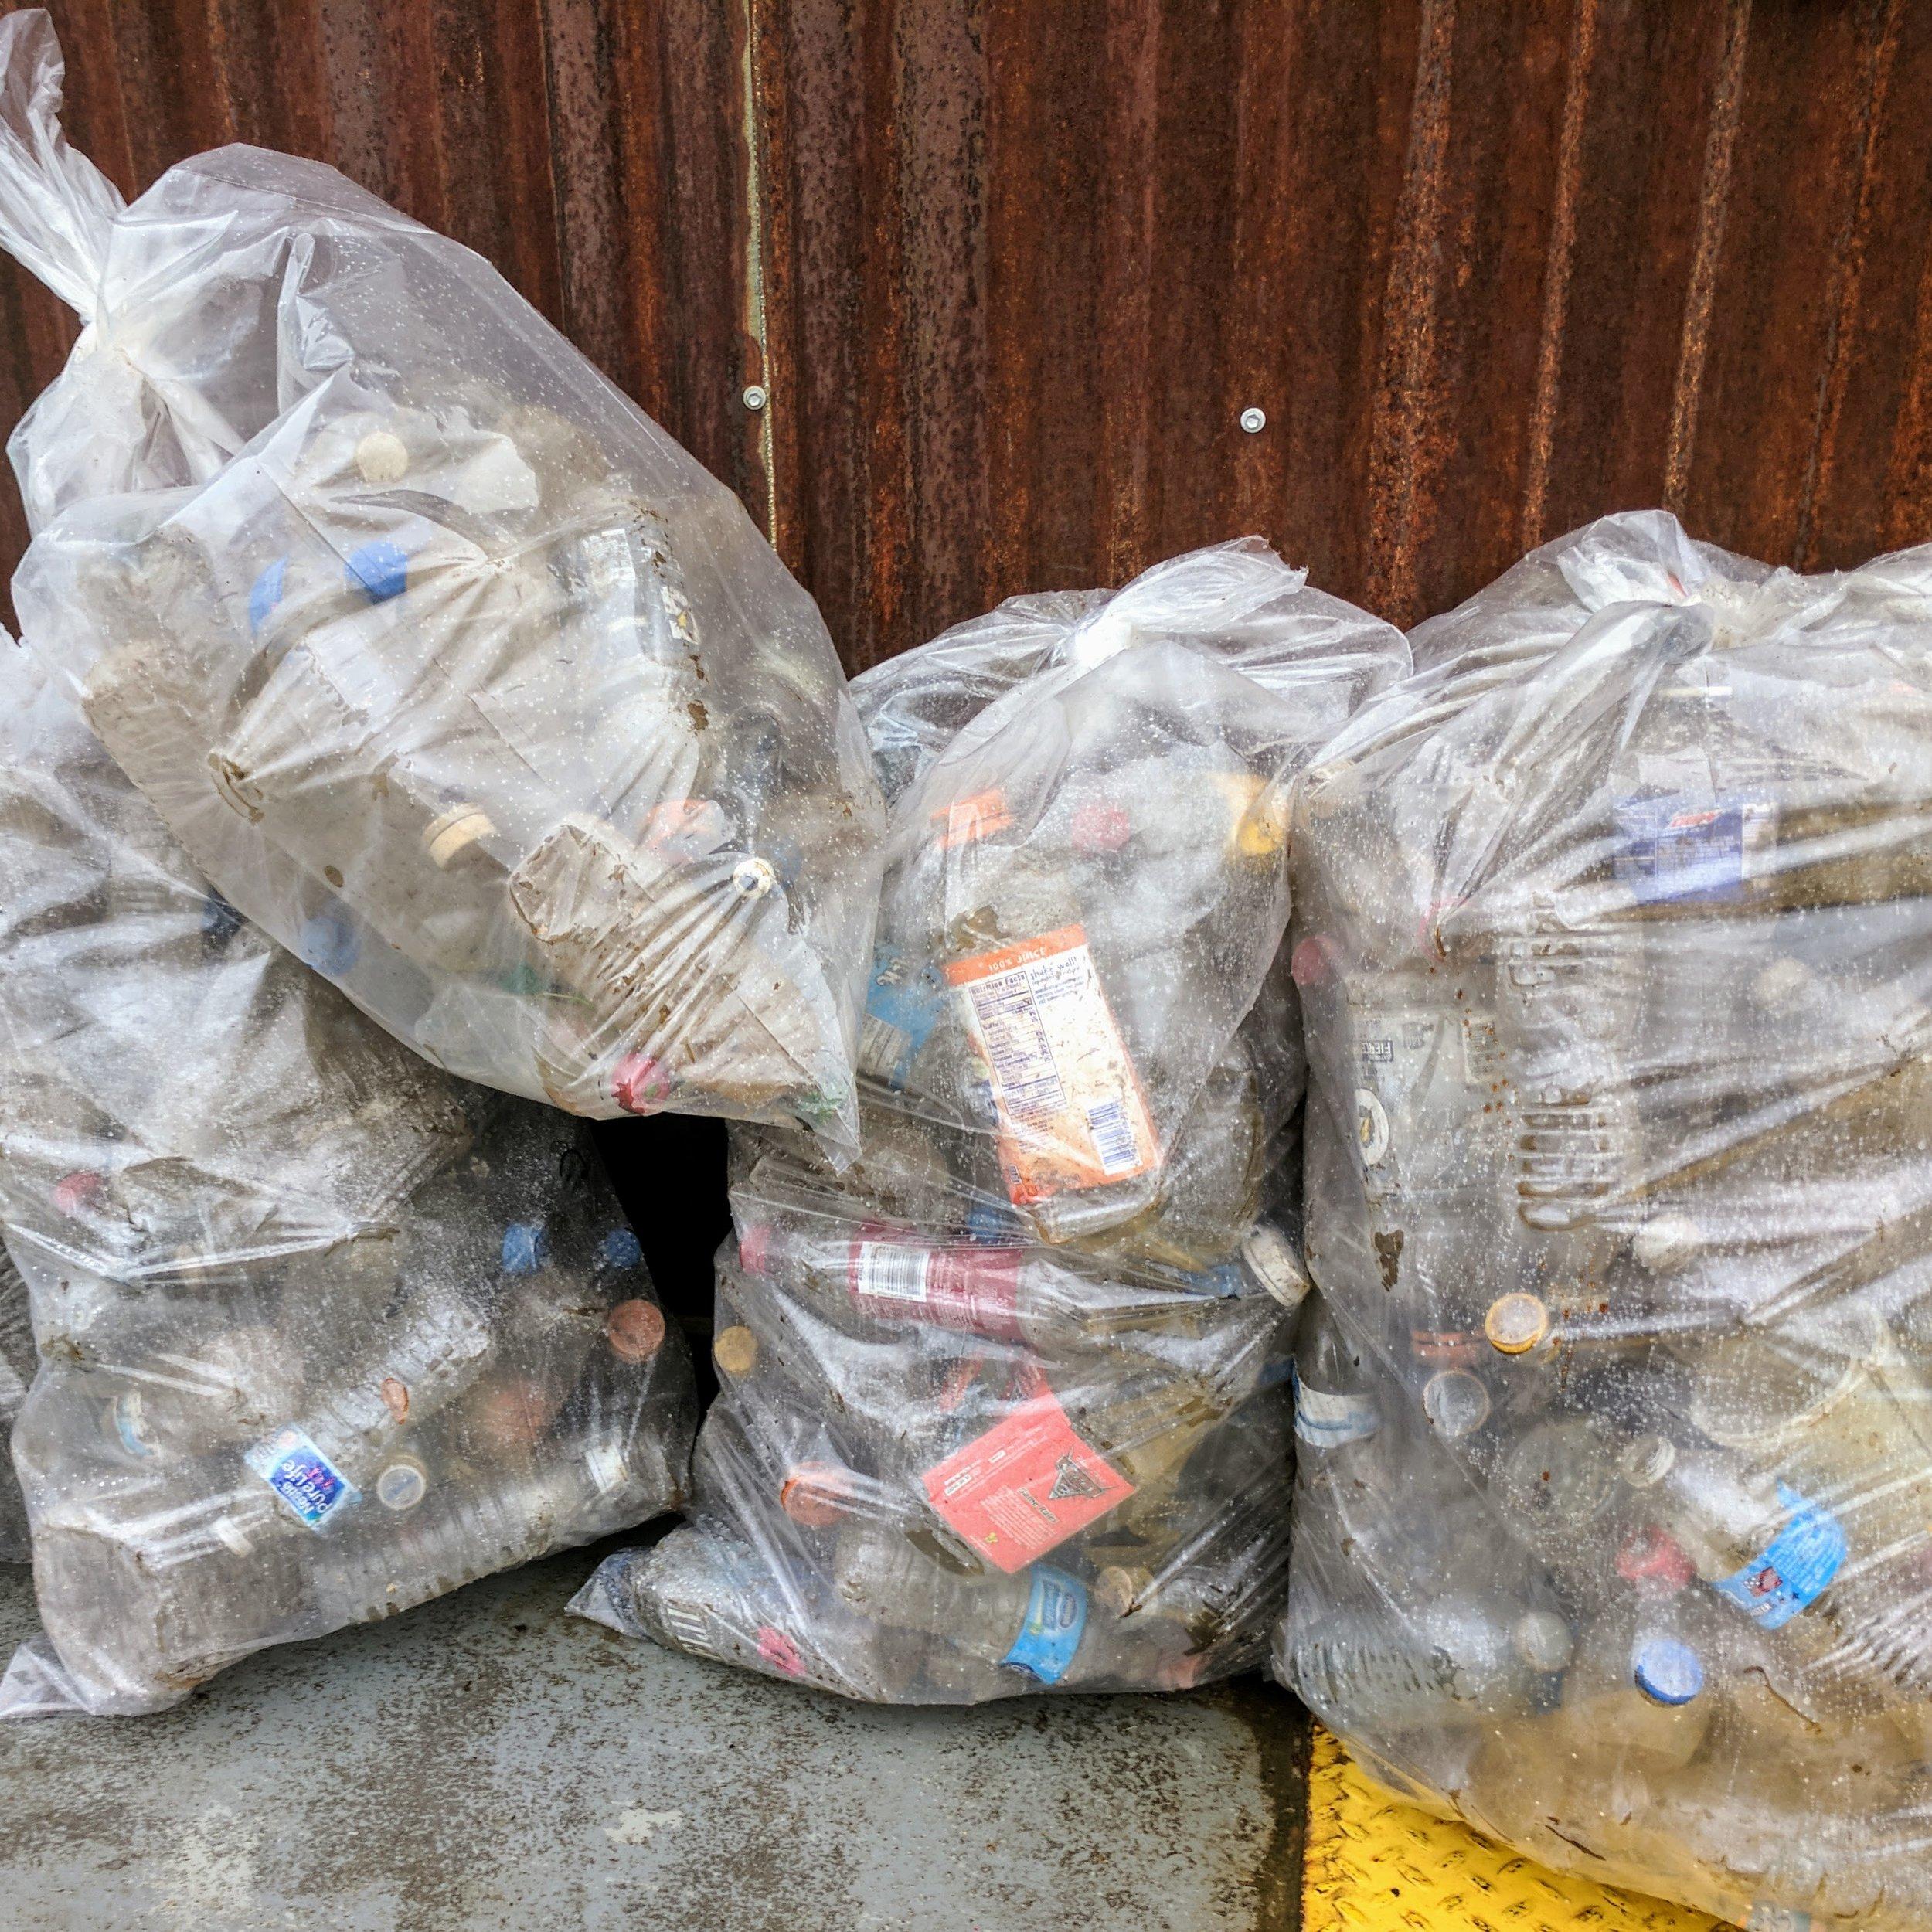 PET Plastic - Quantity: 10 bagstext